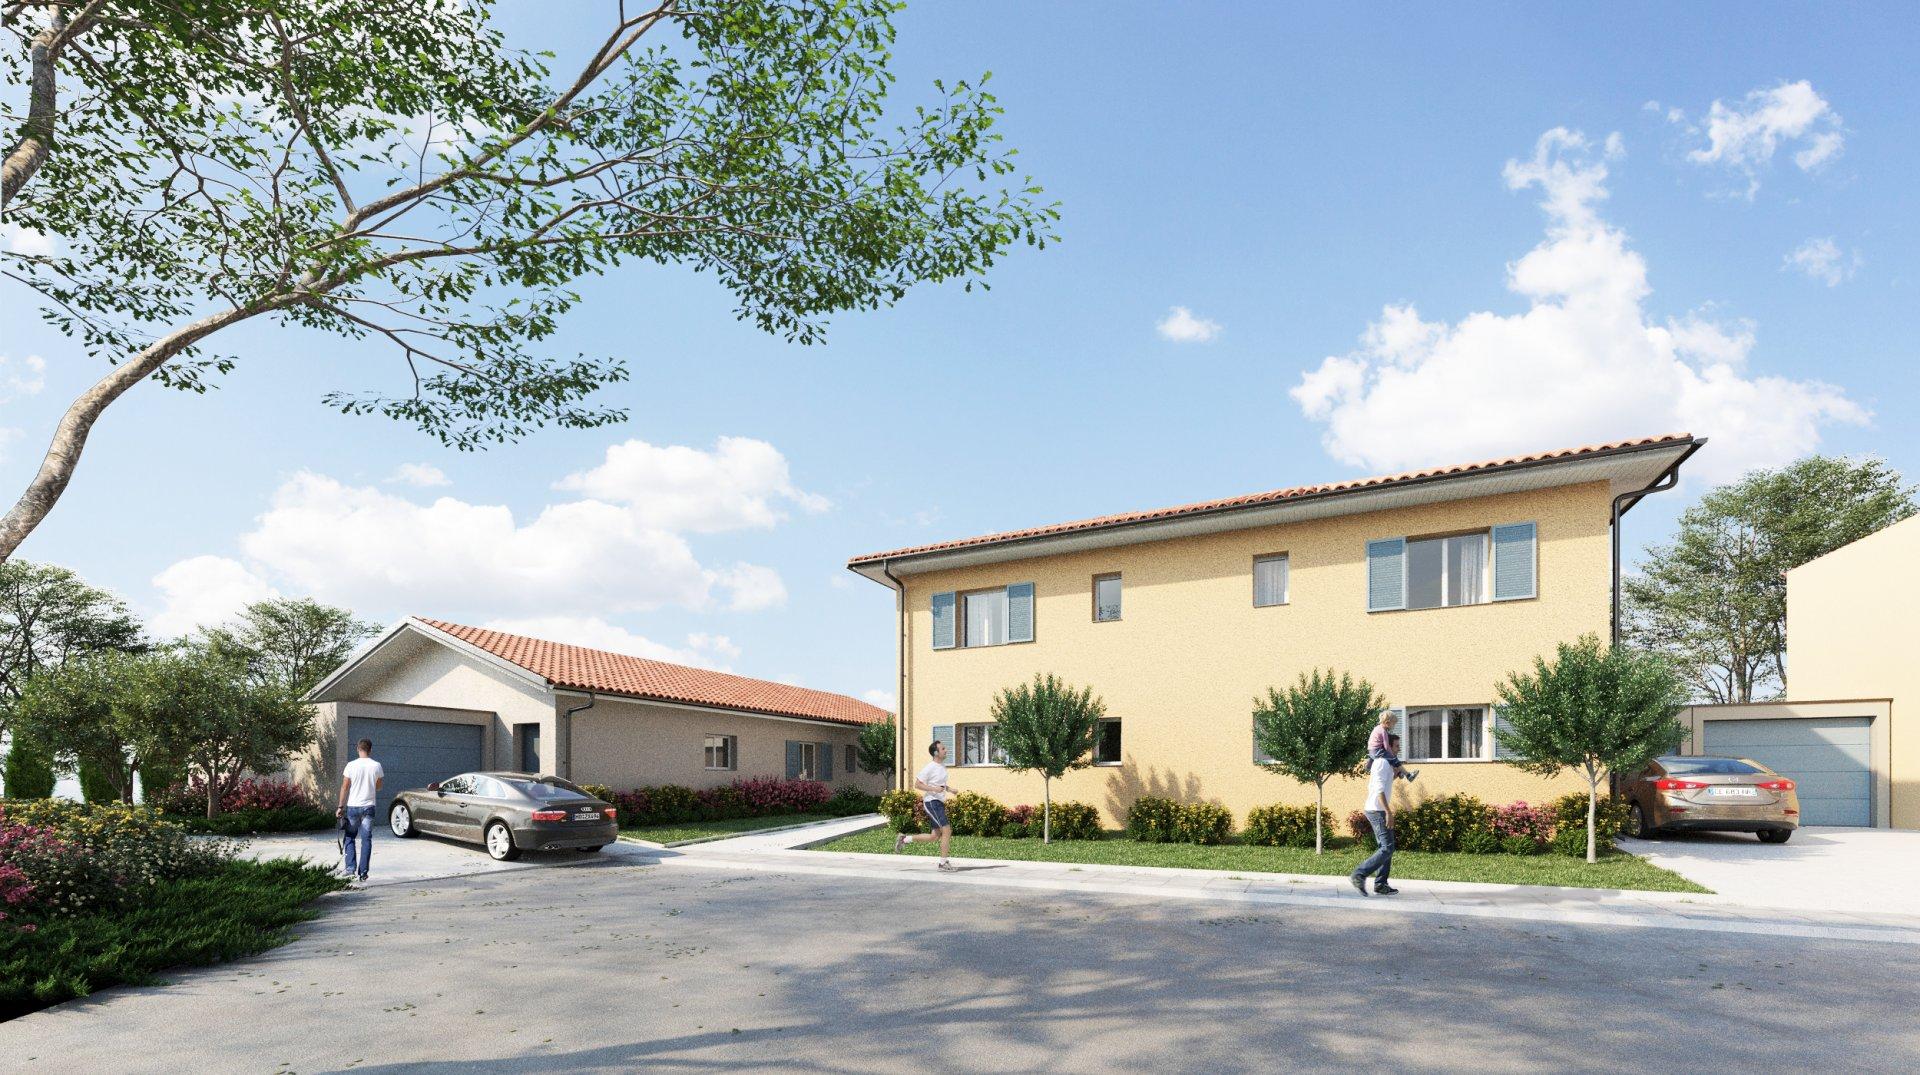 Maison T4 duplex 89m² avec jardin et garage